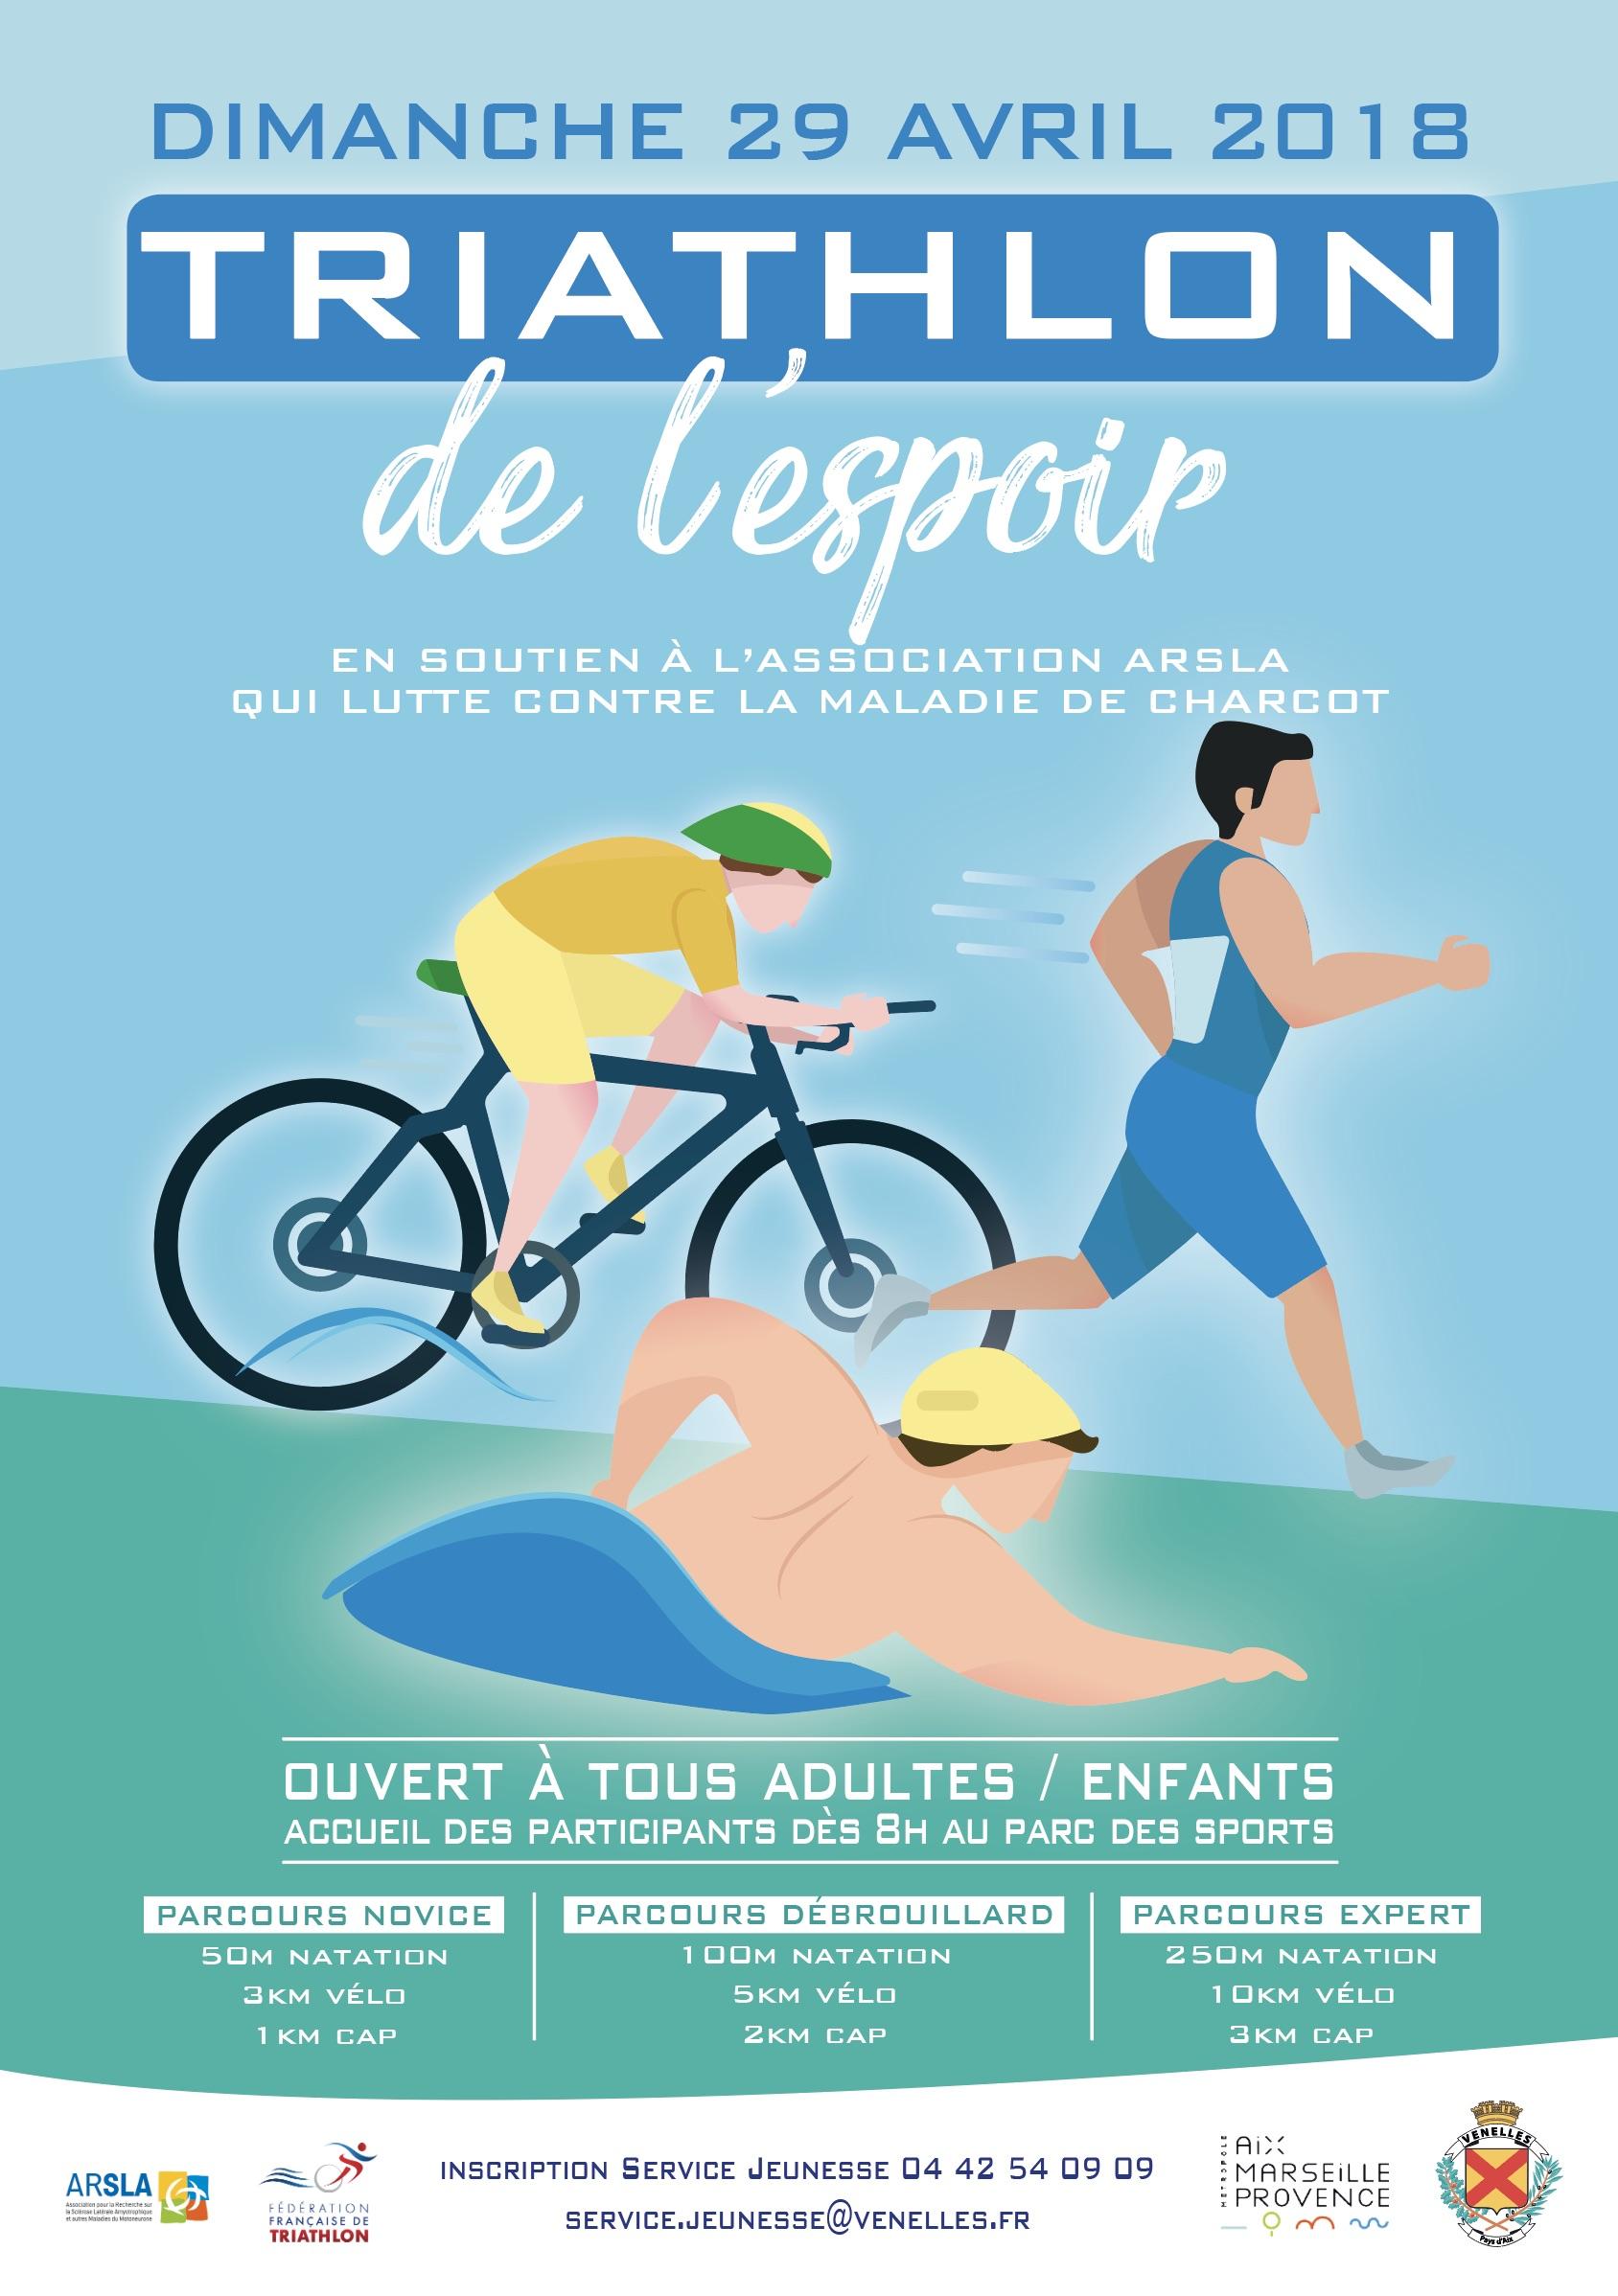 Affiche du triathlon de l'espoir montrant une illustration d'un vététiste, nageur et runneuse